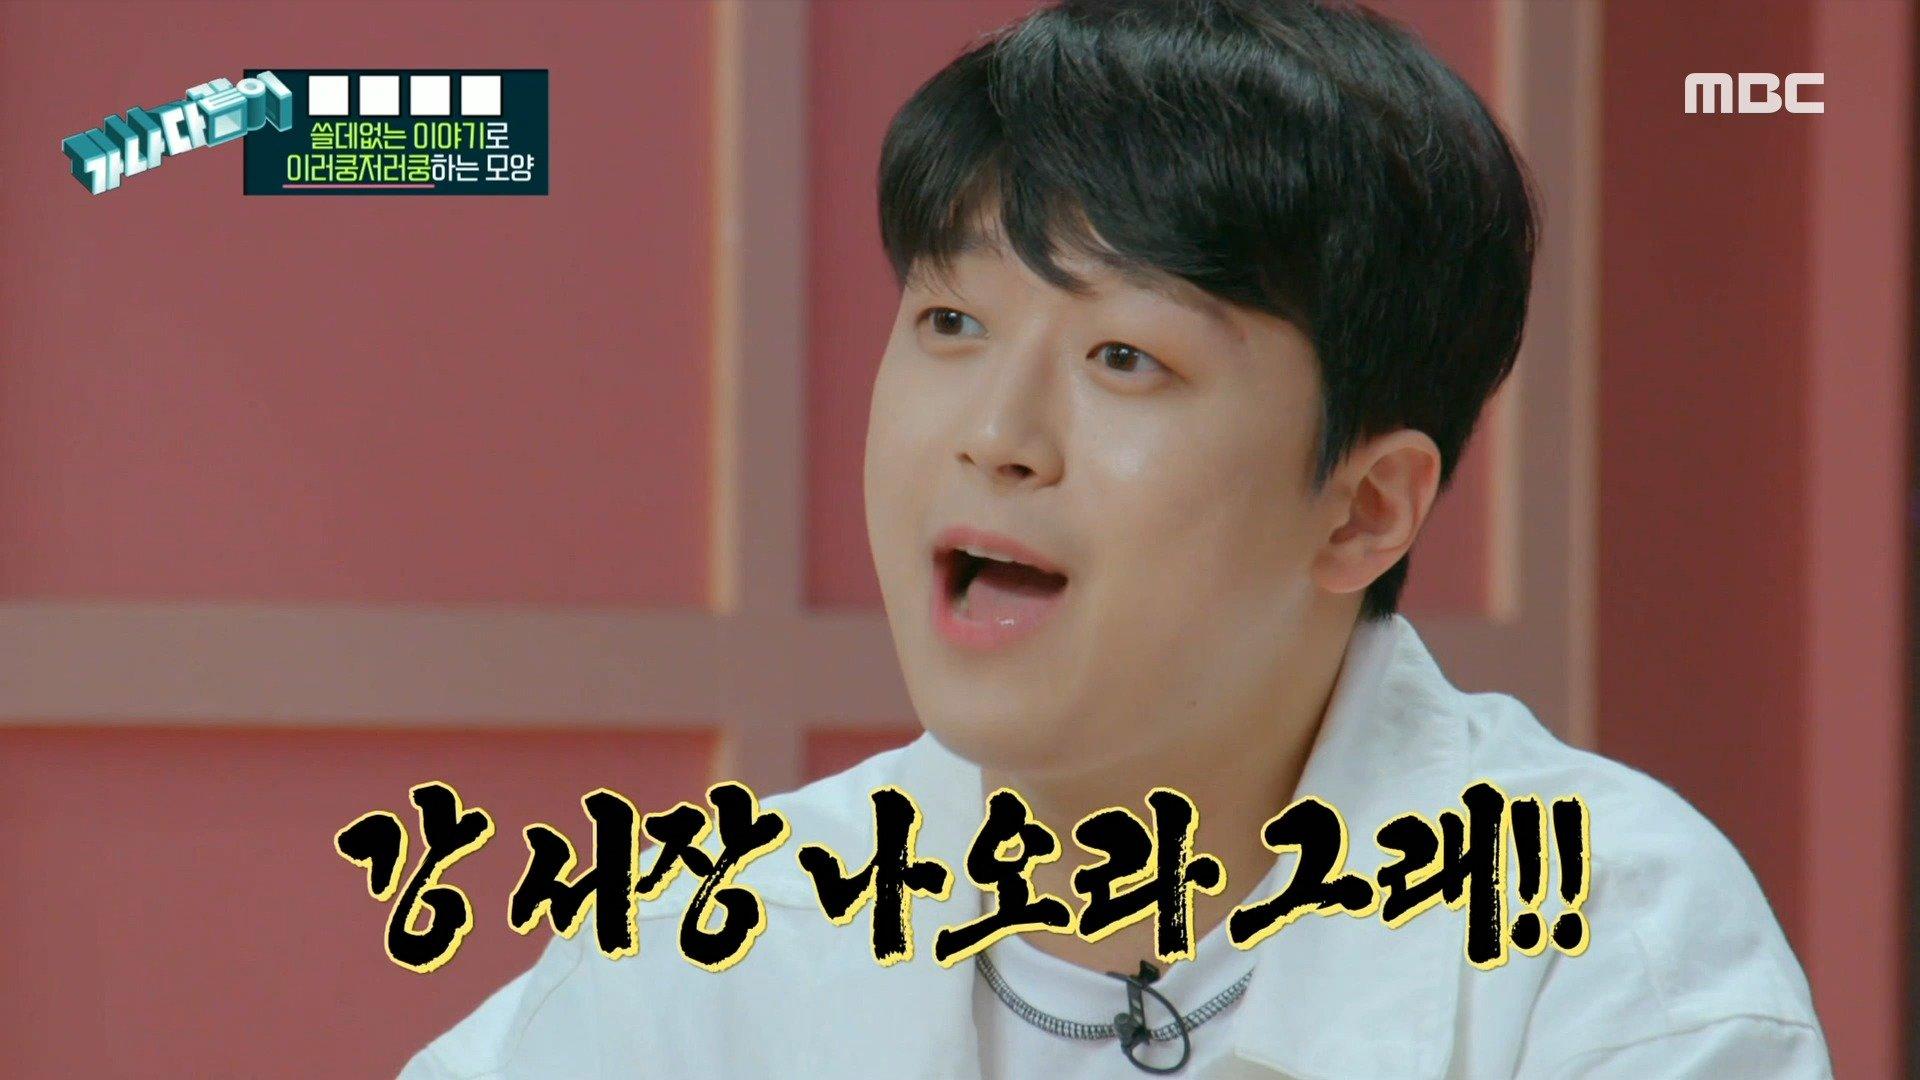 """이찬원의 최민식 성대모사! """"밥도 먹고 으잉???"""", MBC 211016 방송"""